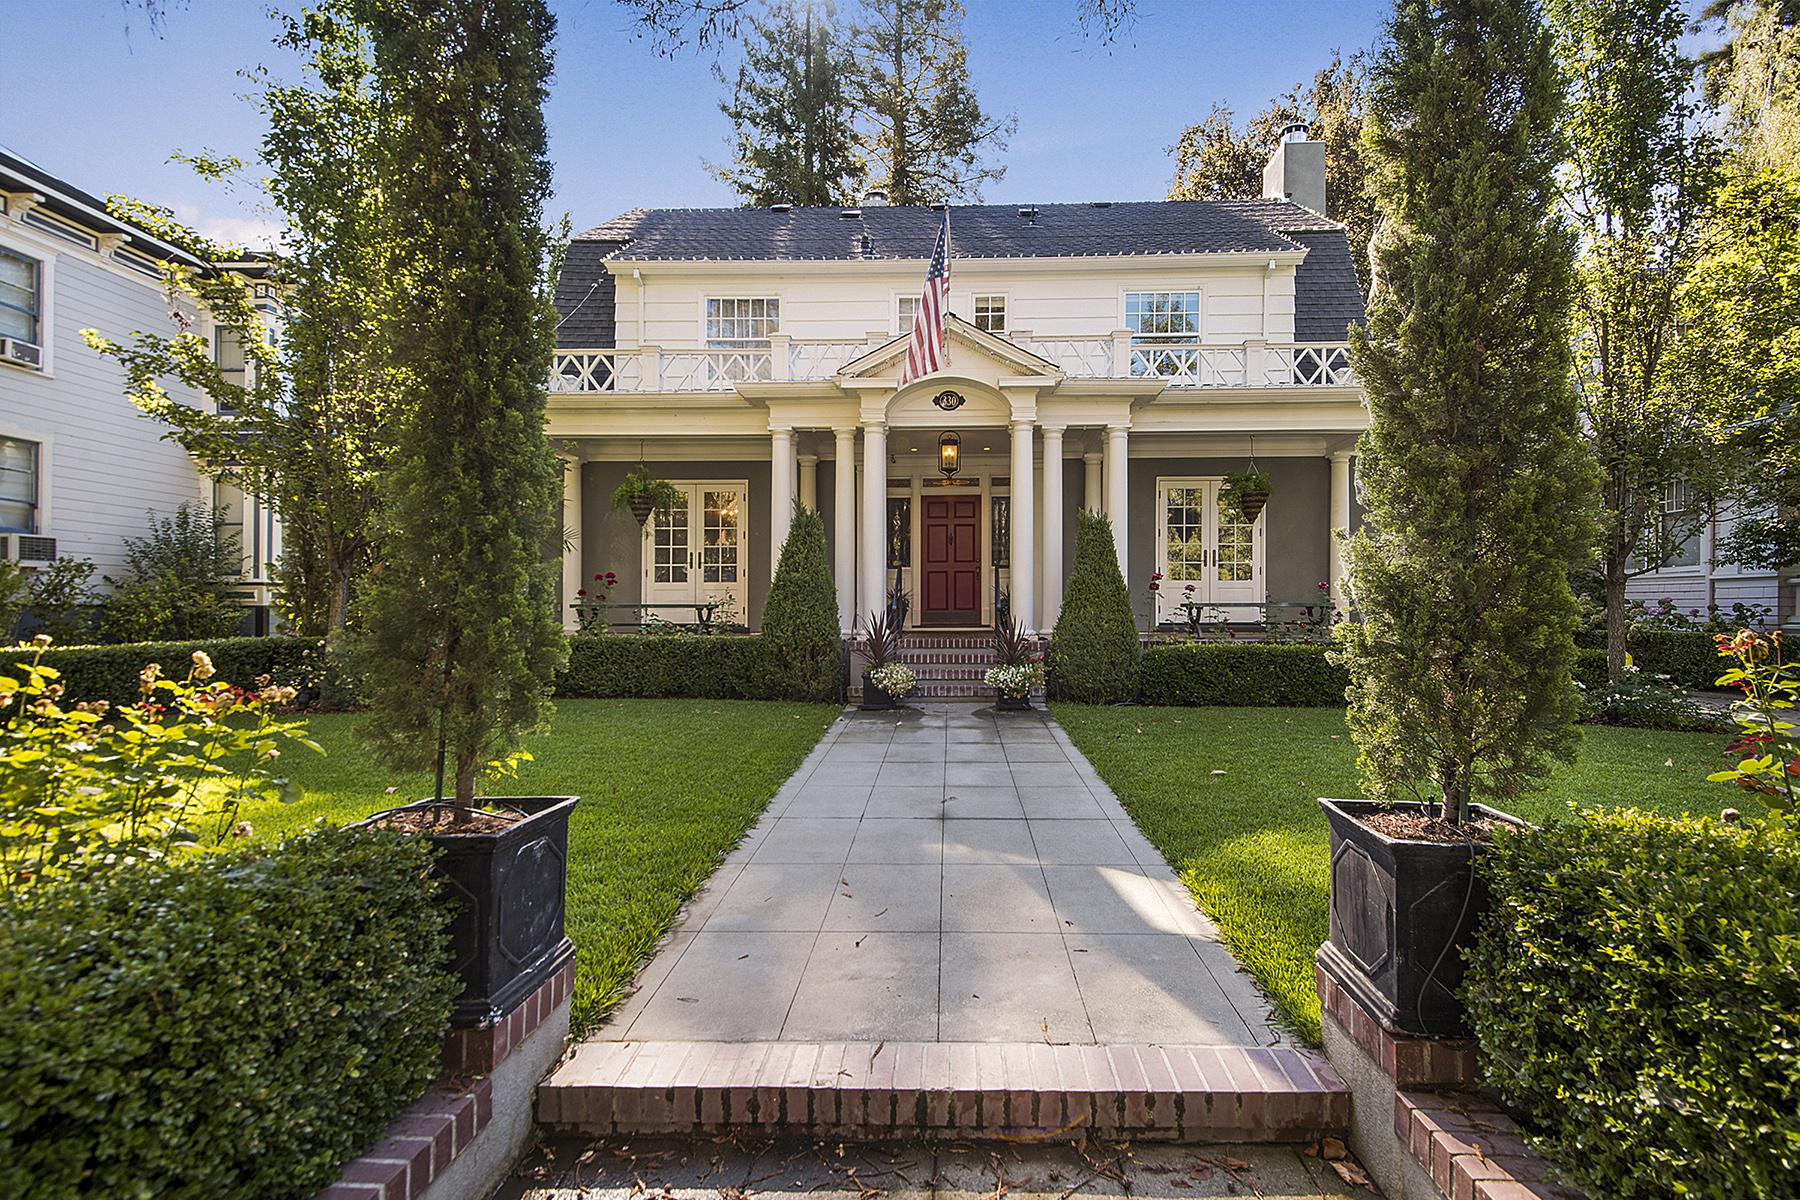 独户住宅 为 销售 在 An Elegant Masterpiece in The Historic District 330 Franklin St 纳帕, 加利福尼亚州 94559 美国